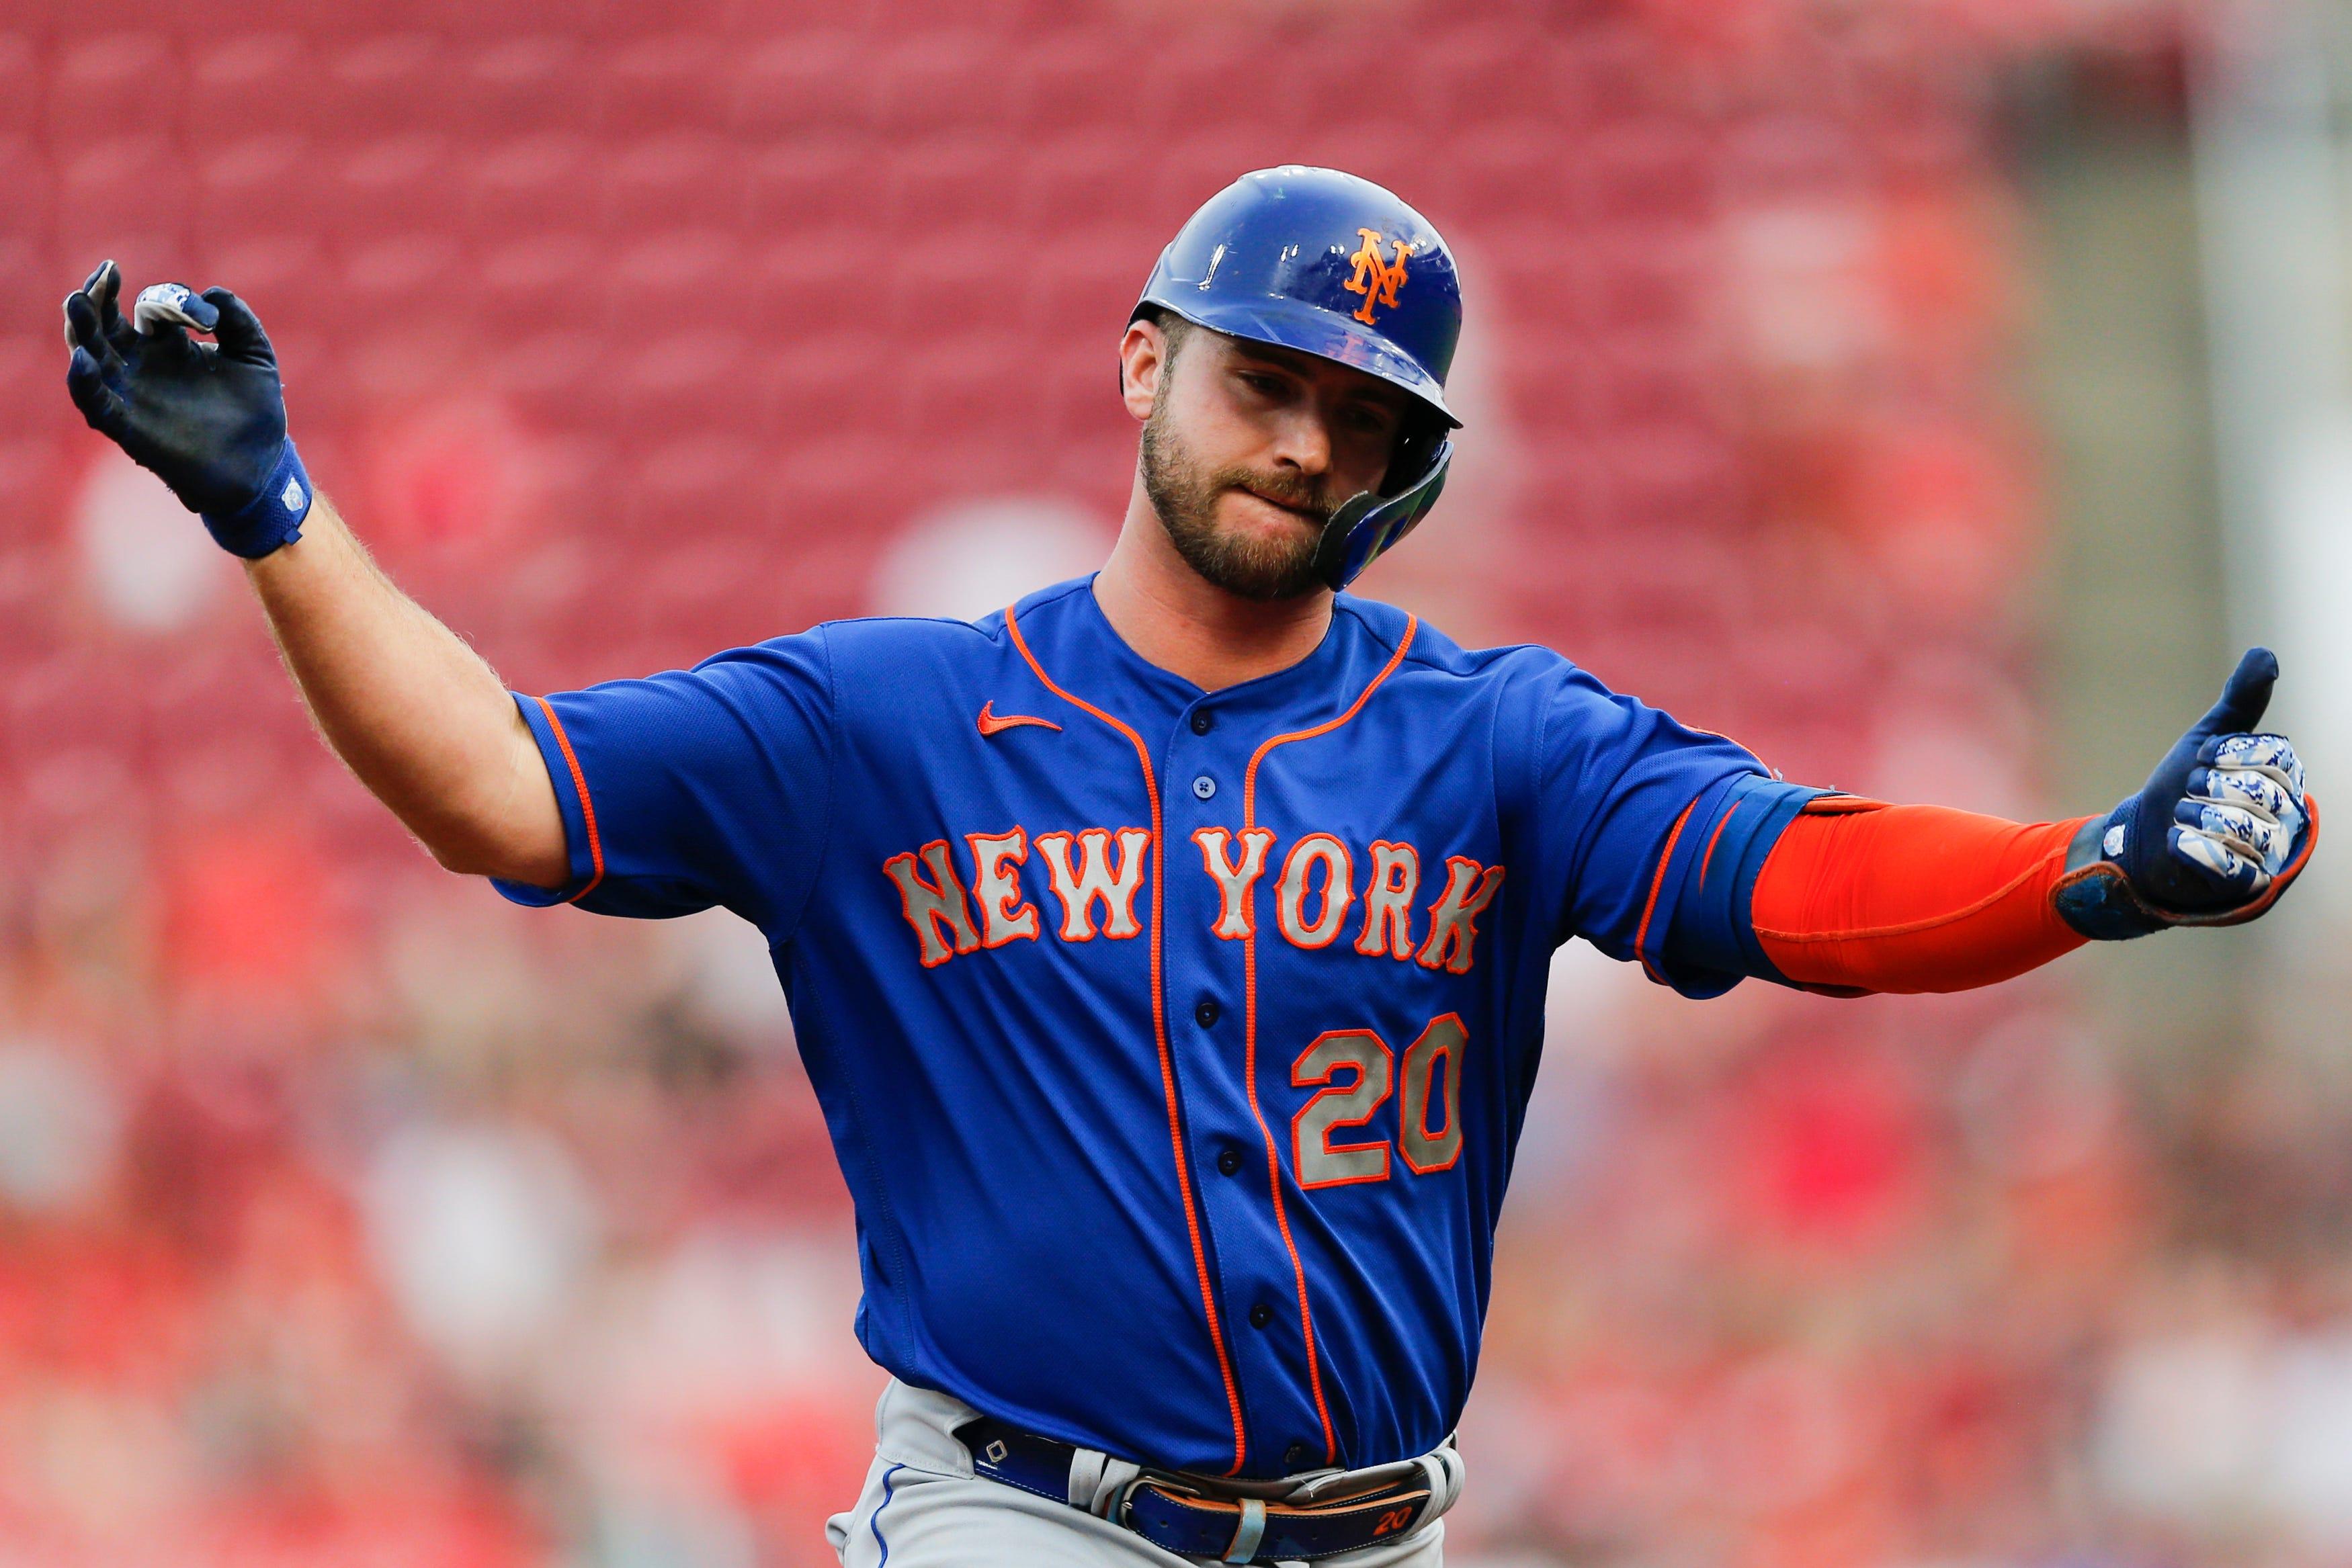 7/20/21 Game Preview: New York Mets at Cincinnati Reds